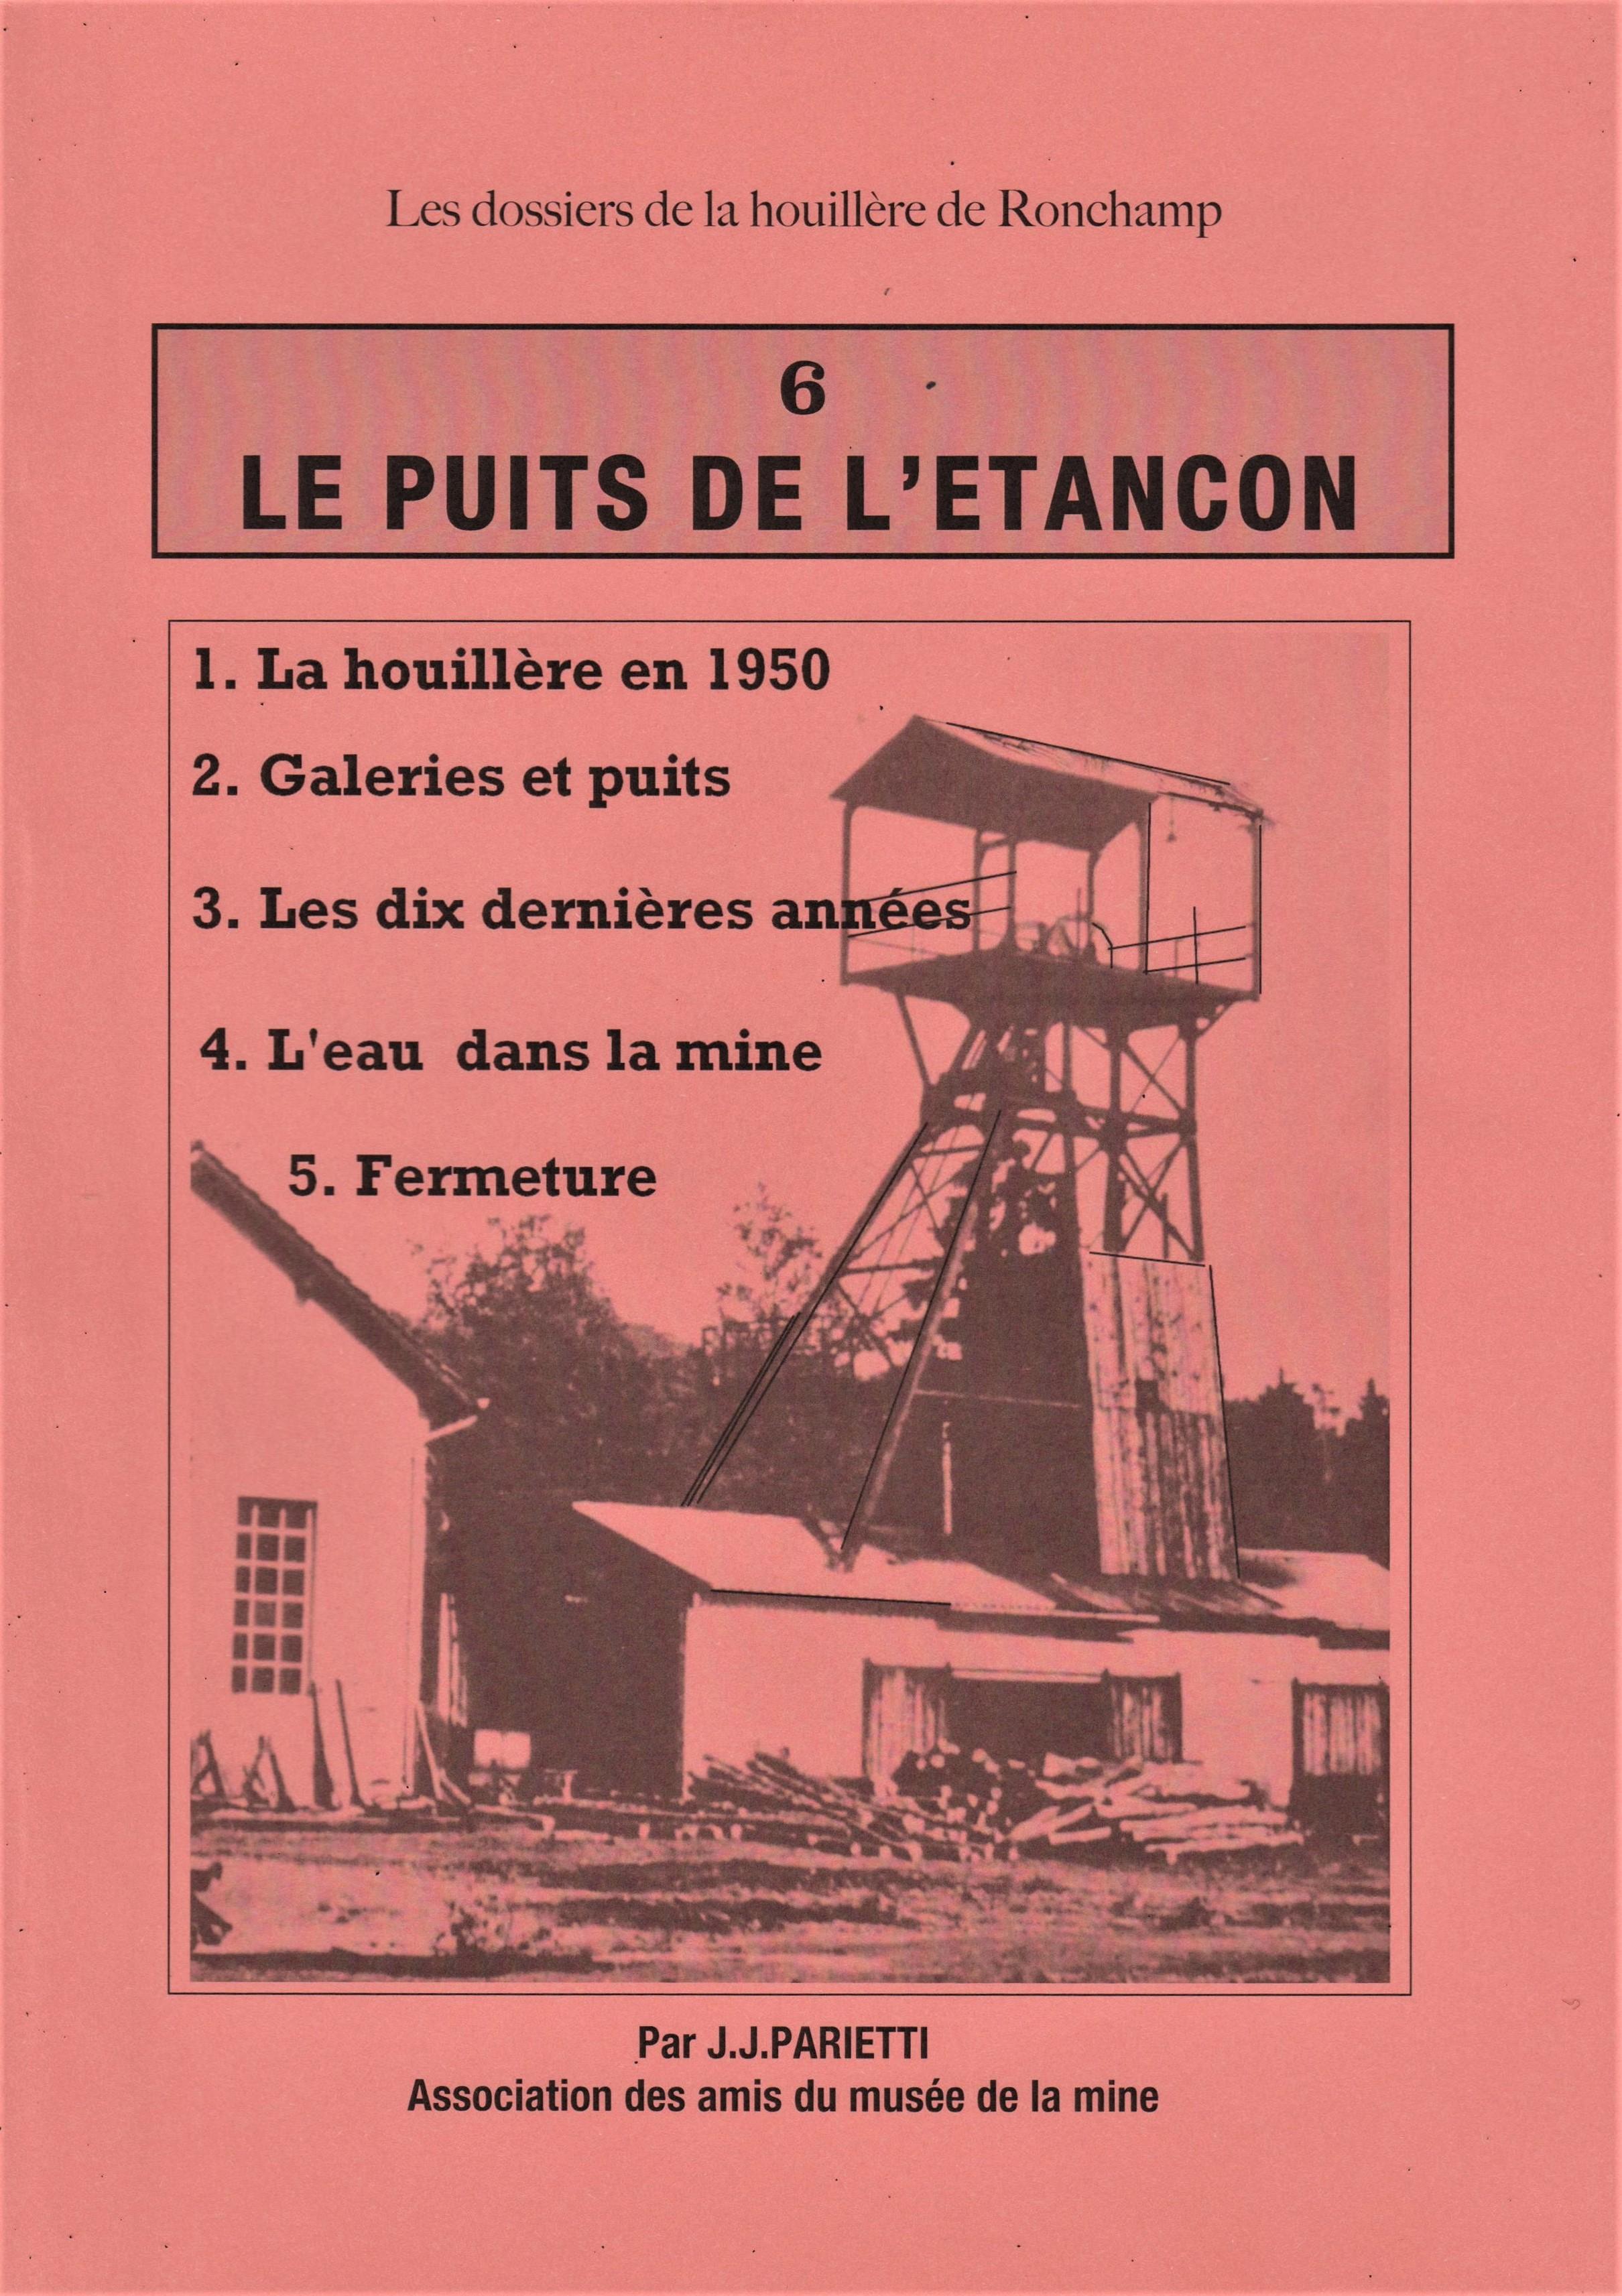 Le puits de l'Etançon